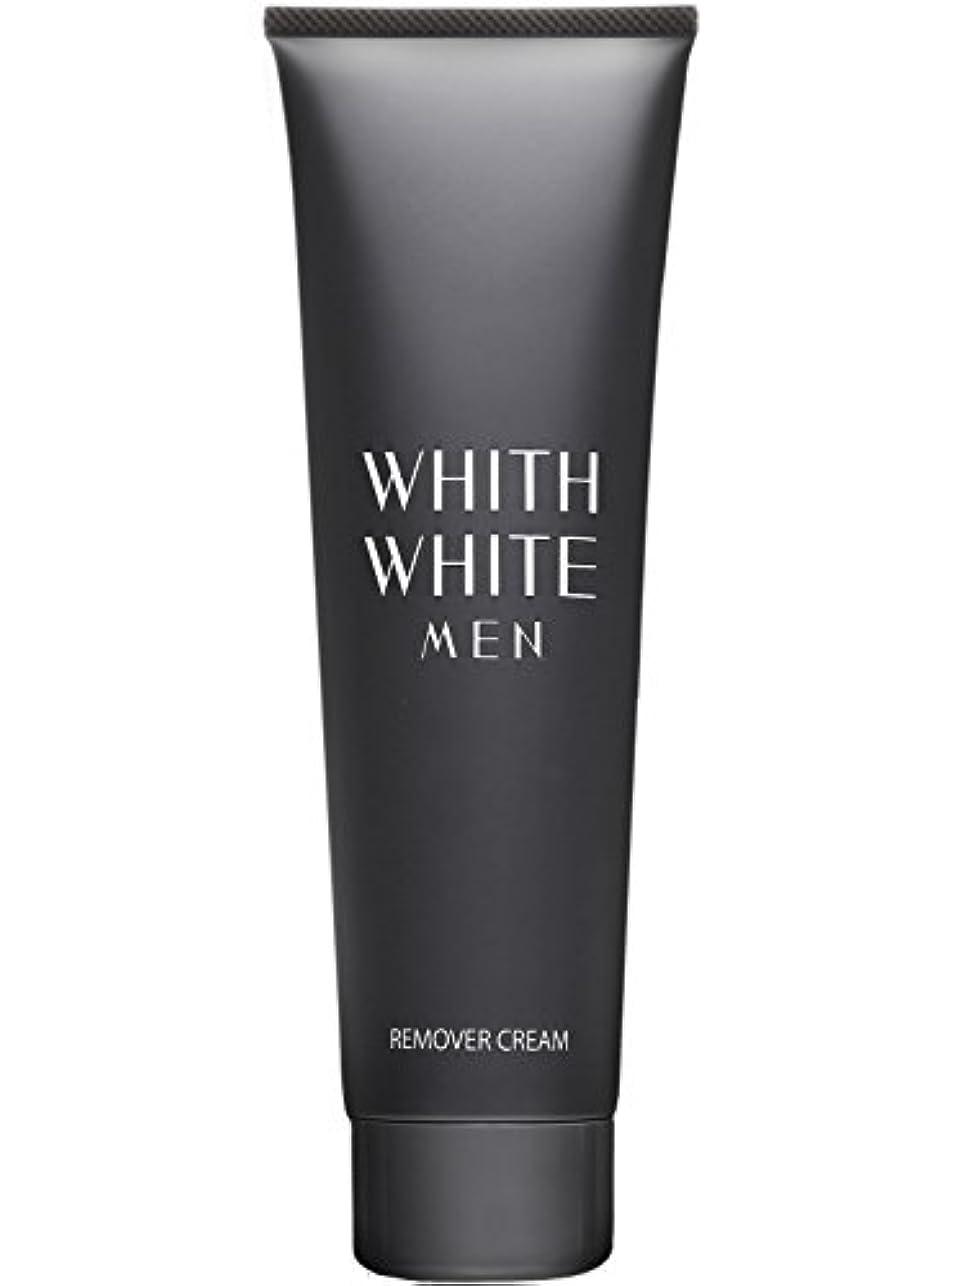 無限悲しむつぶやき医薬部外品 フィス ホワイト メンズ 除毛クリーム リムーバークリーム 陰部 使用可能 210g